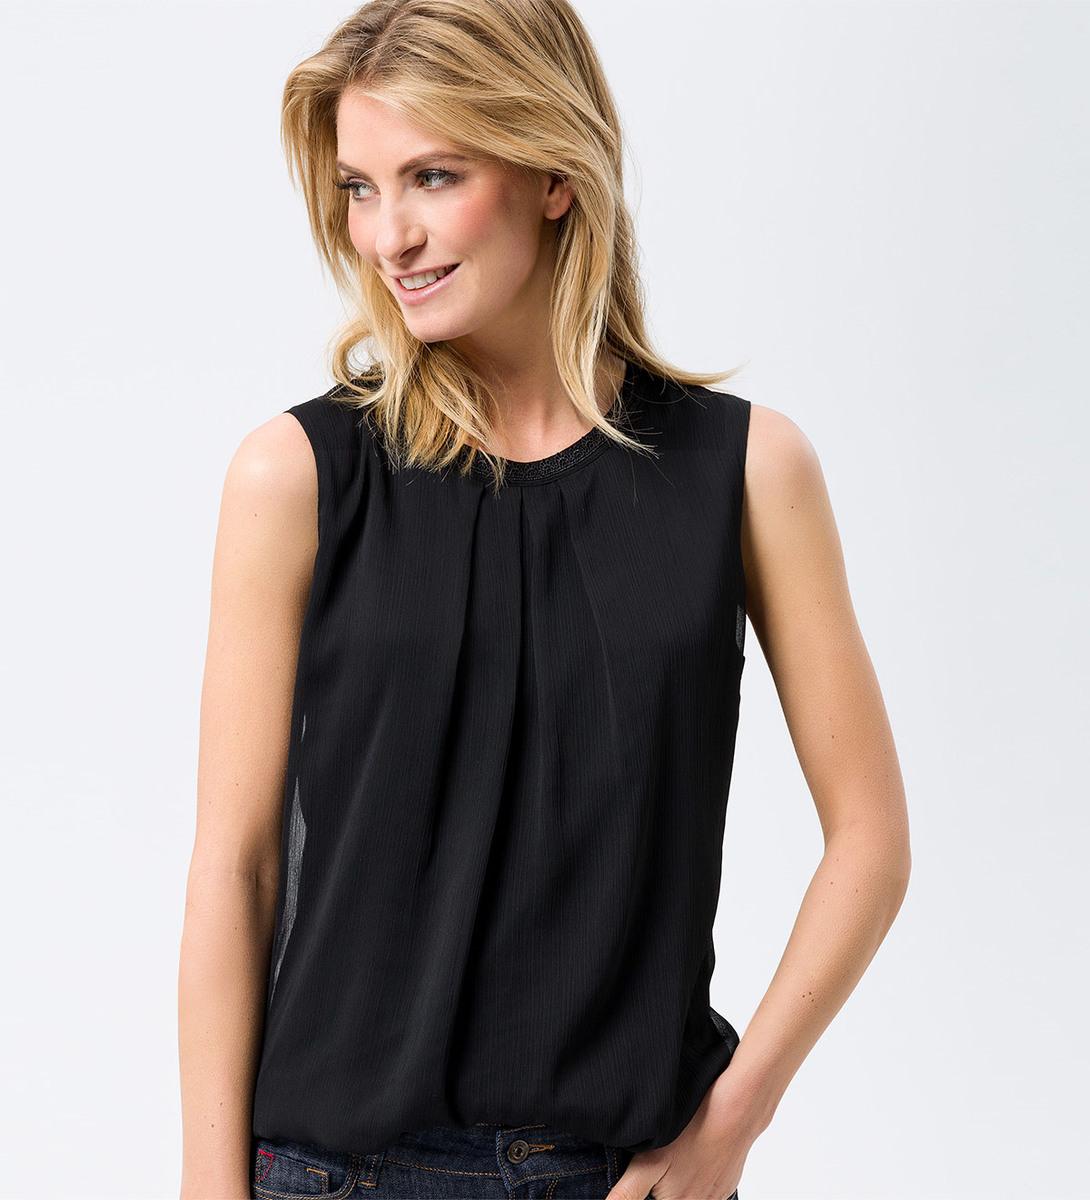 Bluse im ärmellosen Design in black